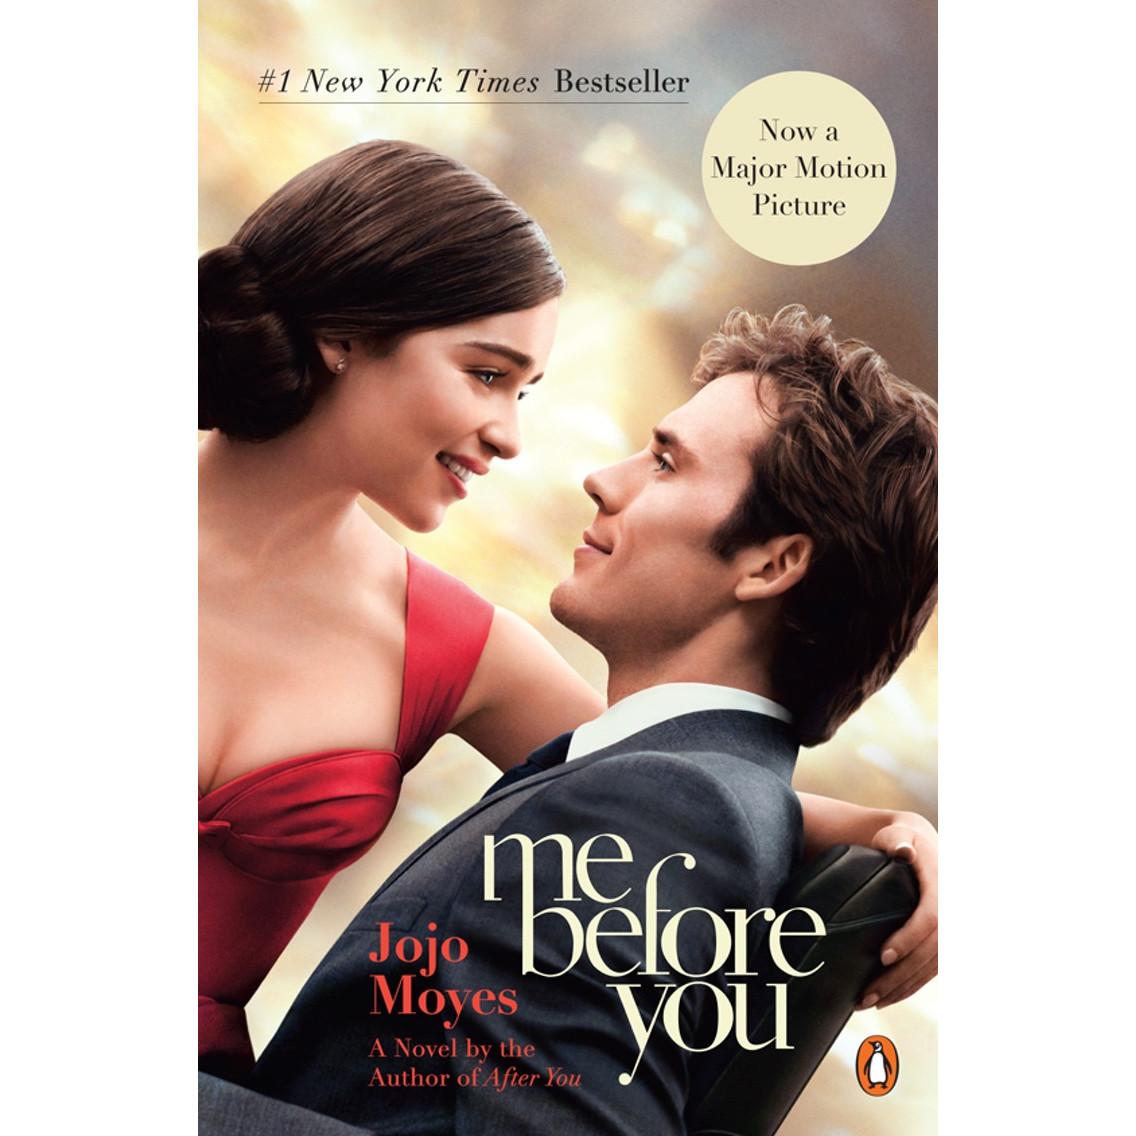 Me Before You (Mass Market Paperback) - Trước ngày em đến